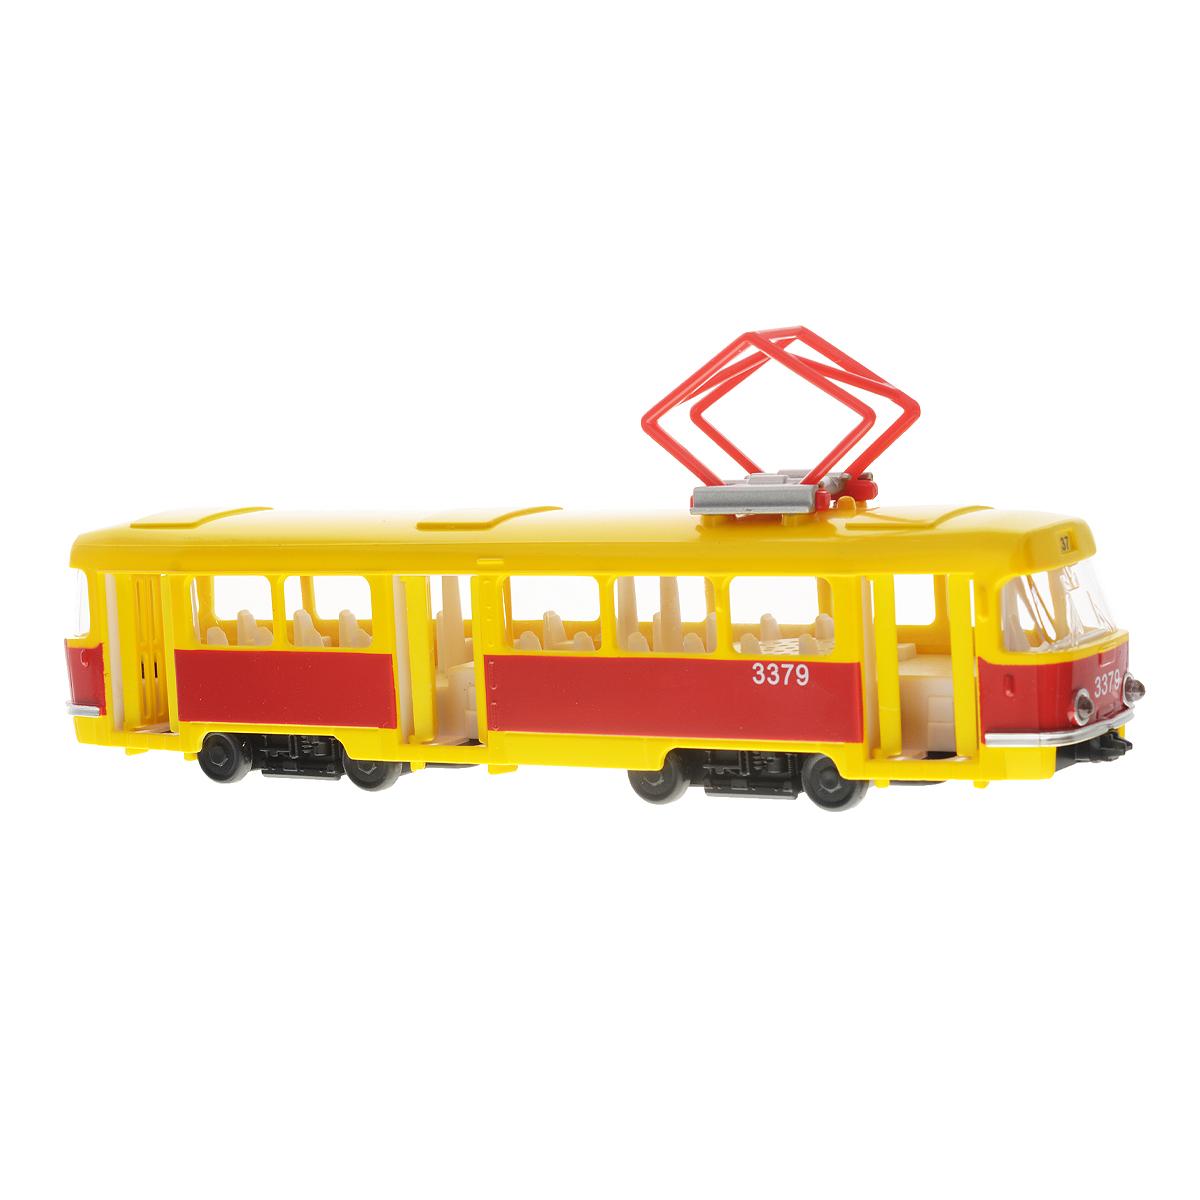 ТехноПарк ТрамвайCT12-428-2Игрушка ТехноПарк Трамвай, выполненная из пластика, станет любимой игрушкой вашего малыша. Игрушка представляет собой модель трамвая. Дверцы салона открываются. При нажатии на корпус раздастся звук работающего мотора. Ваш ребенок будет часами играть с этой игрушкой, придумывая различные истории. Порадуйте его таким замечательным подарком! Трамвай работает от батареек (товар комплектуется демонстрационными).